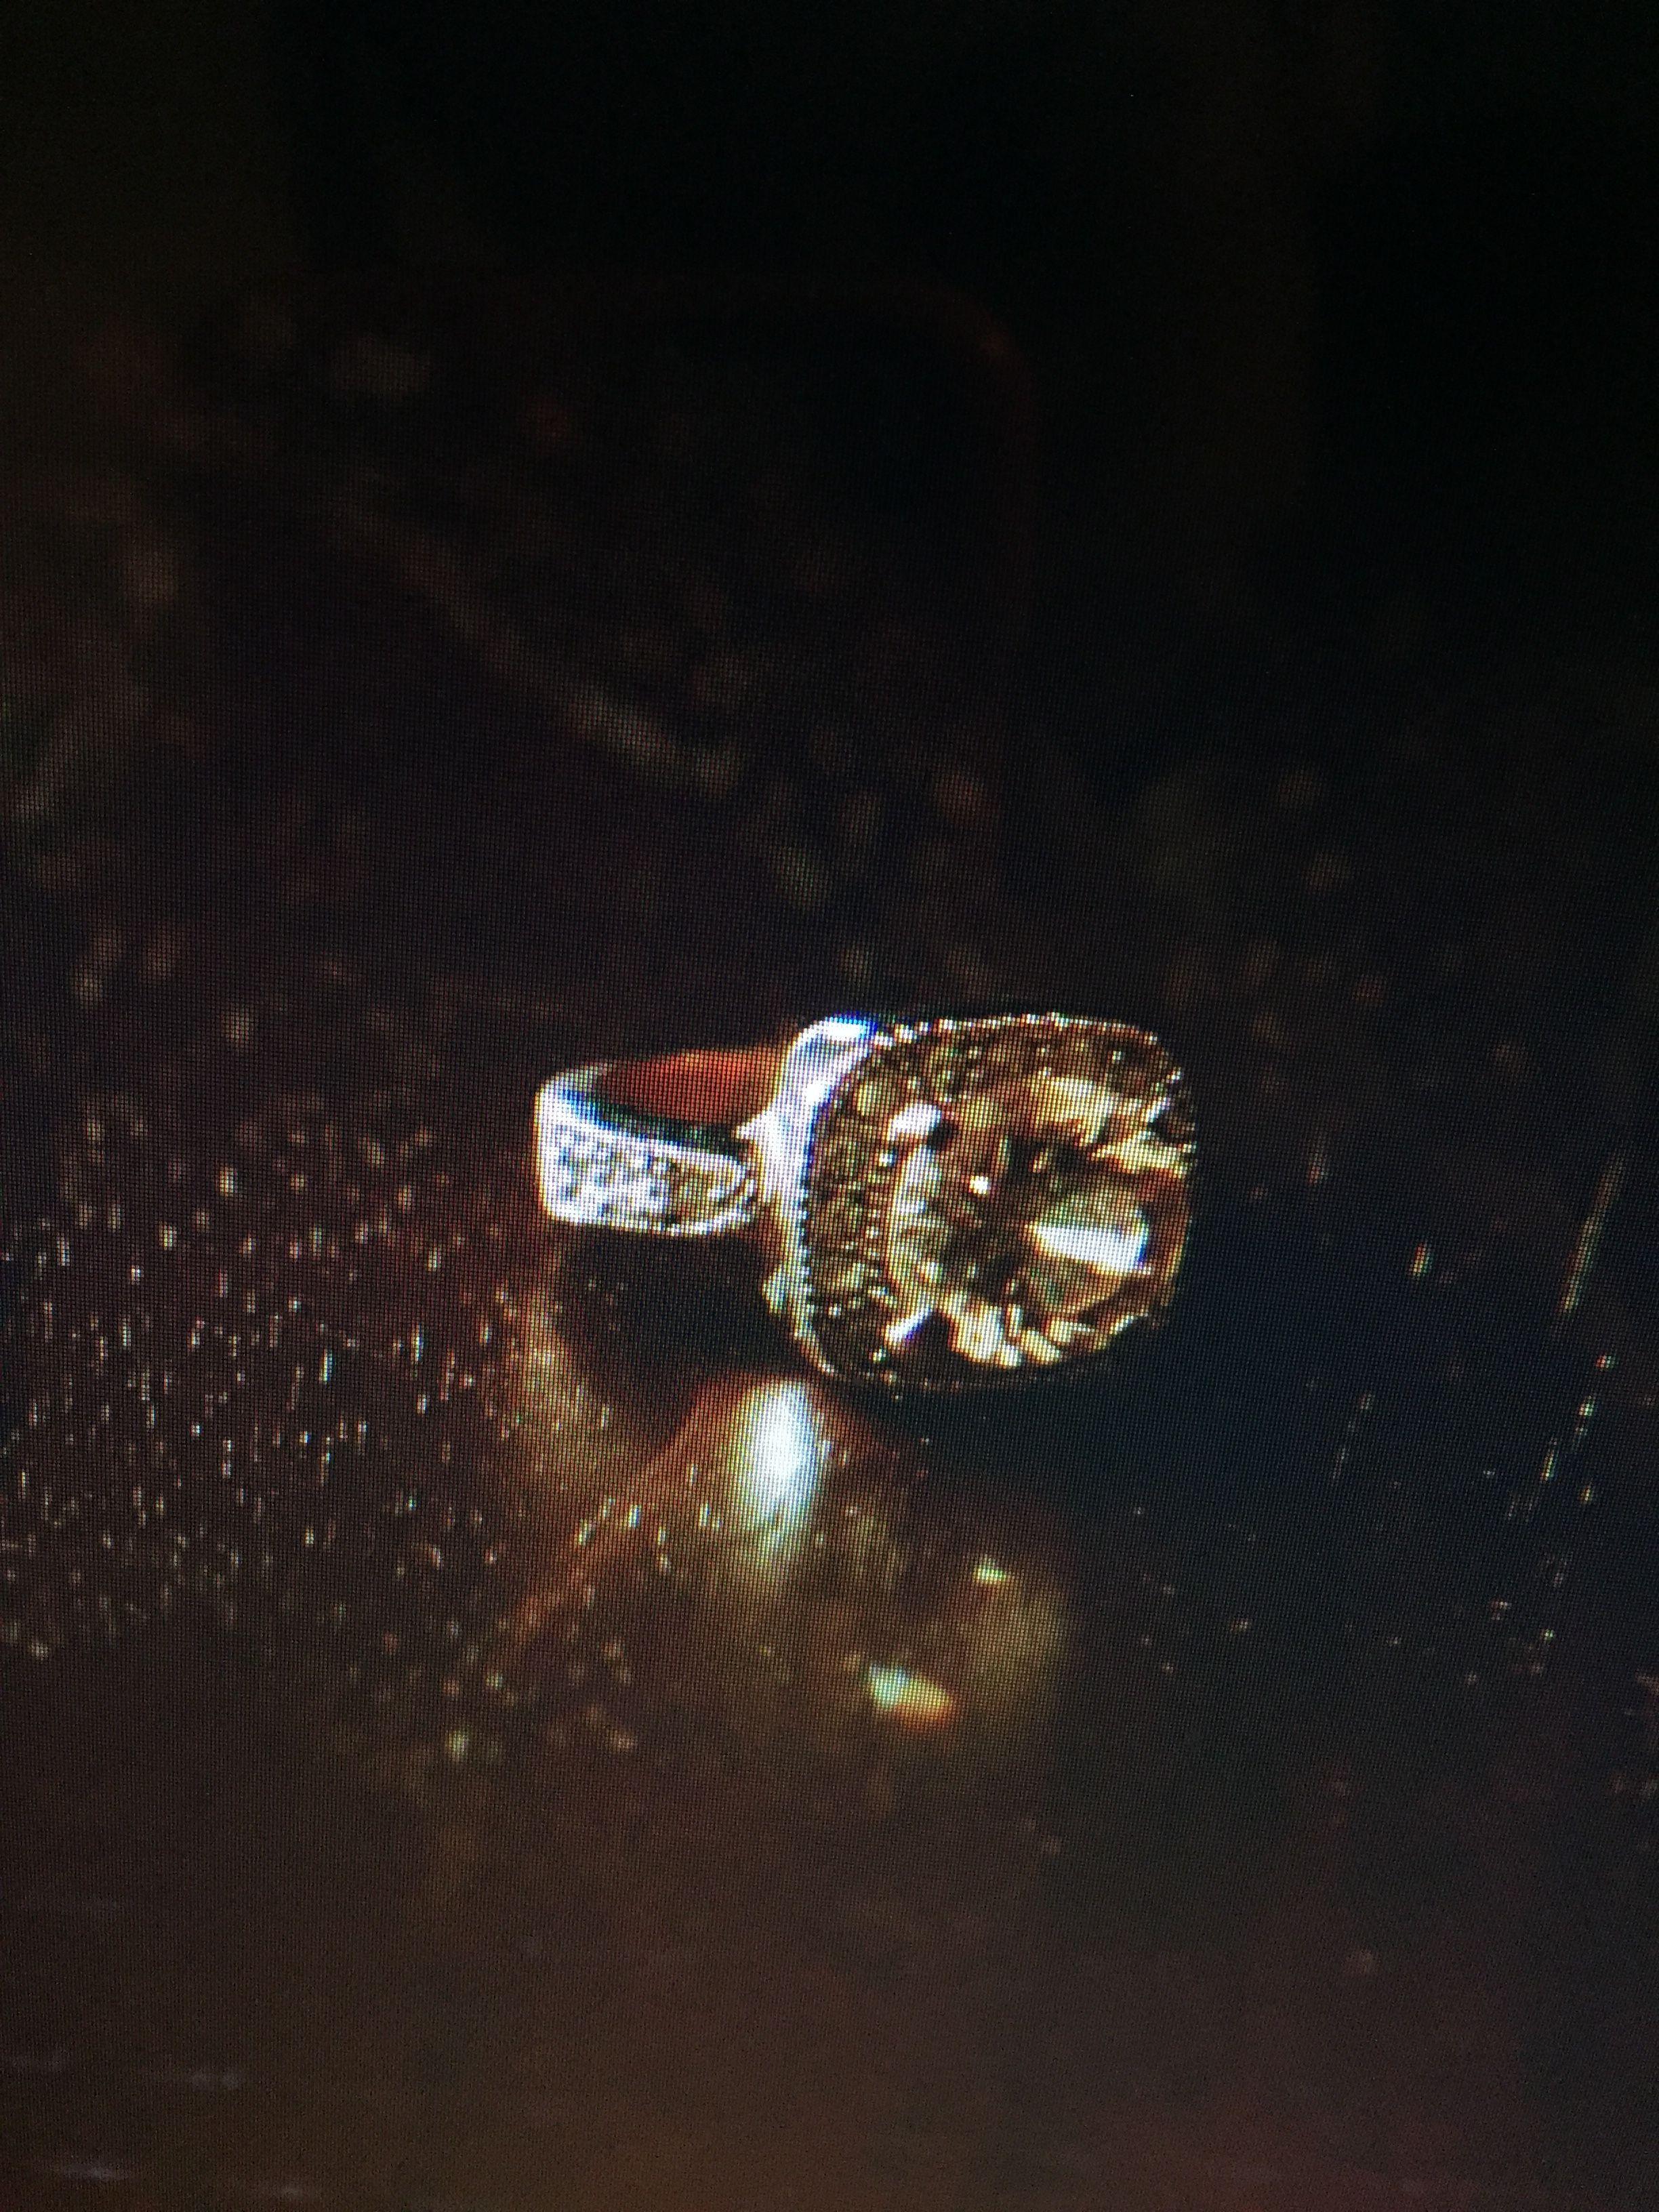 The Engagement Ring Daniel Grayson Gave Emily Thorne In Revenge